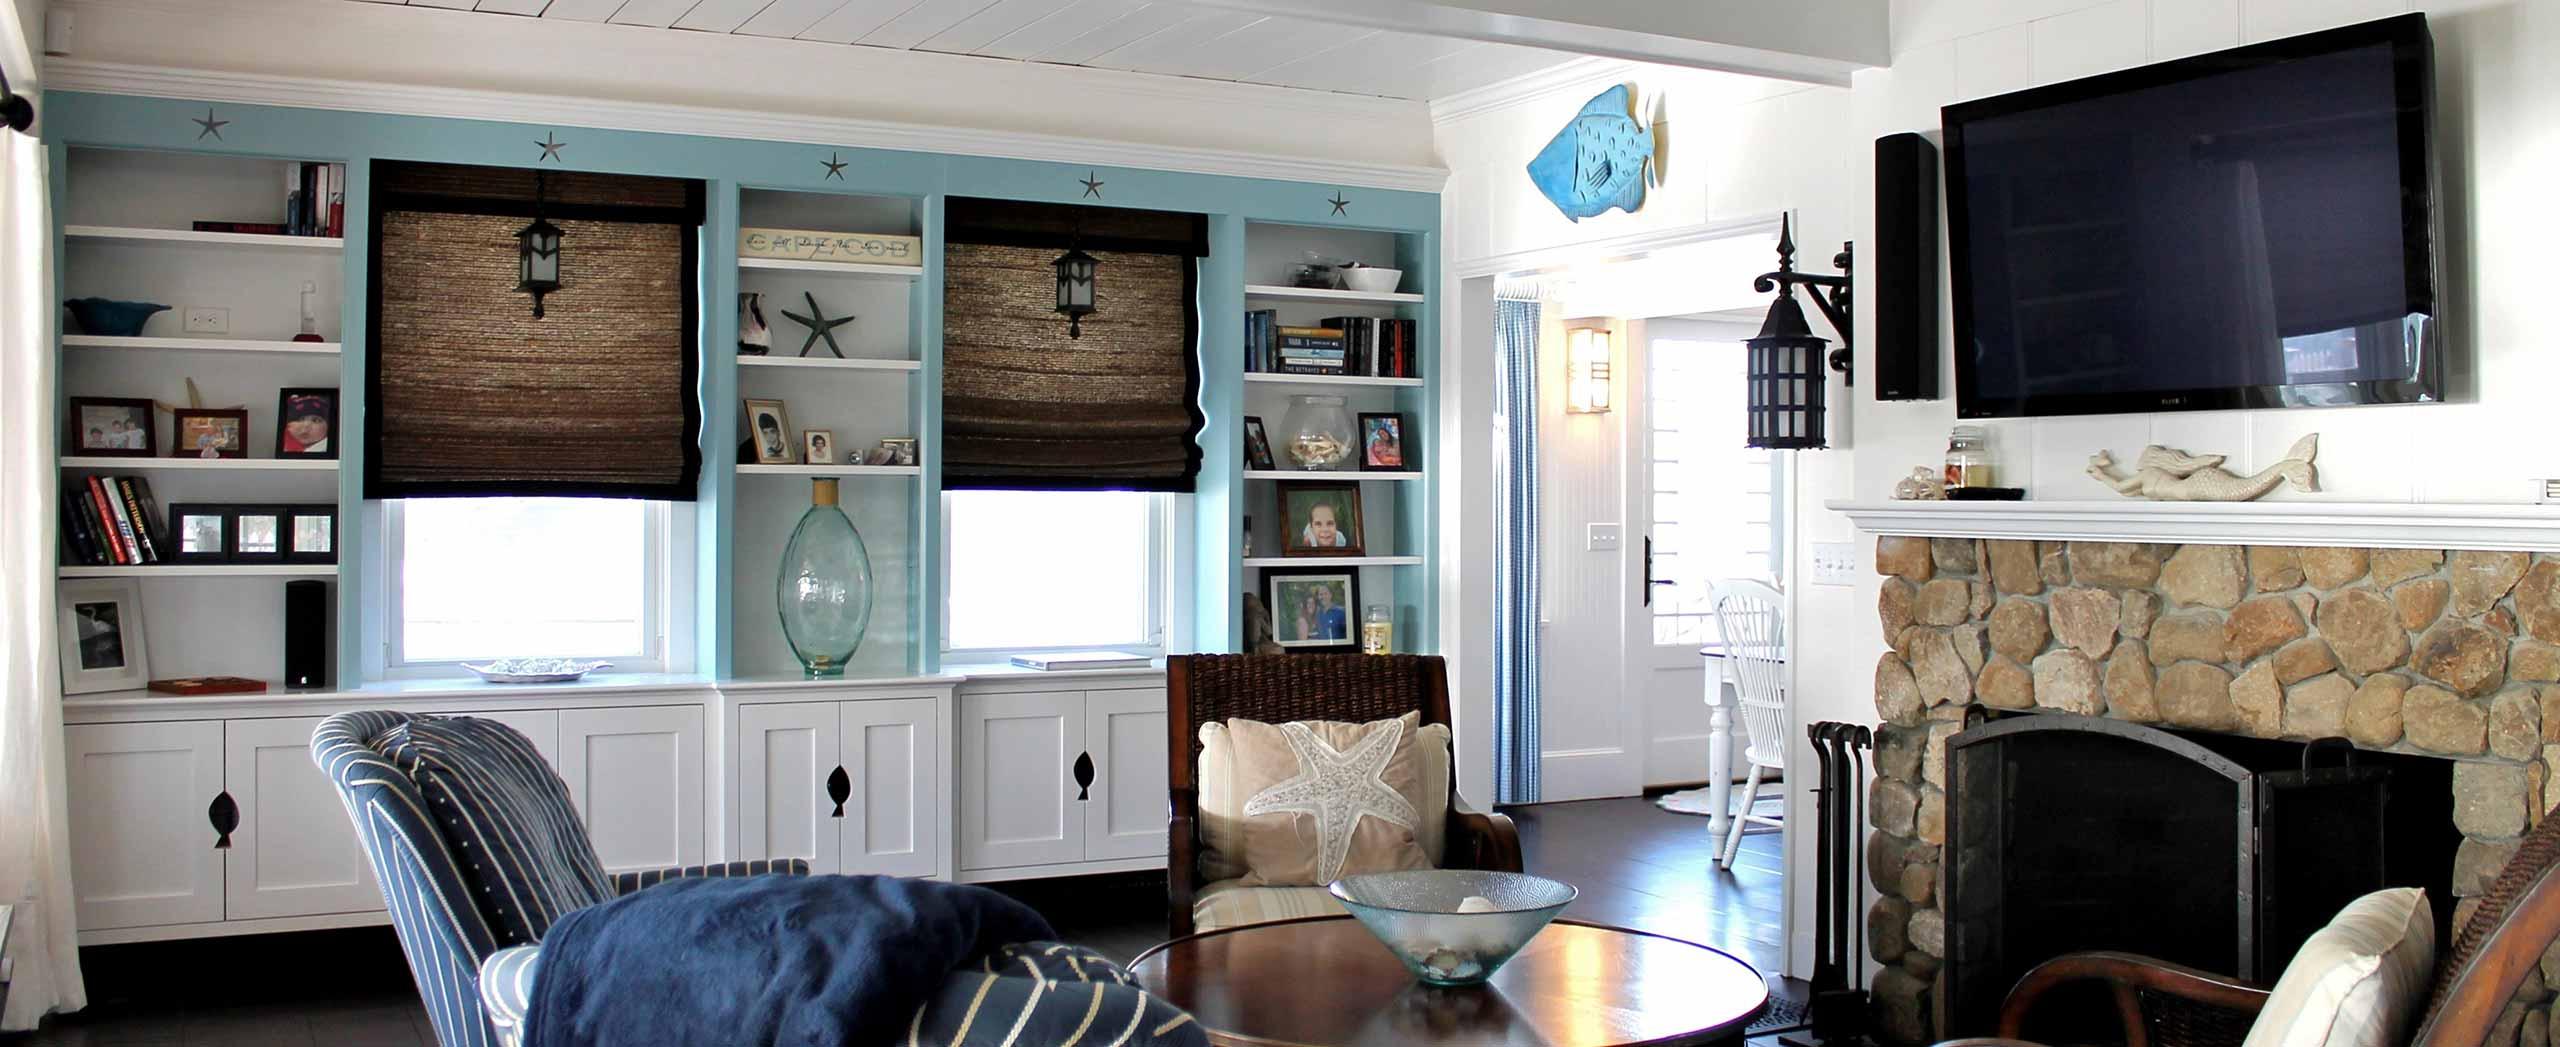 Cape Cod Coastal Living Room Renovation